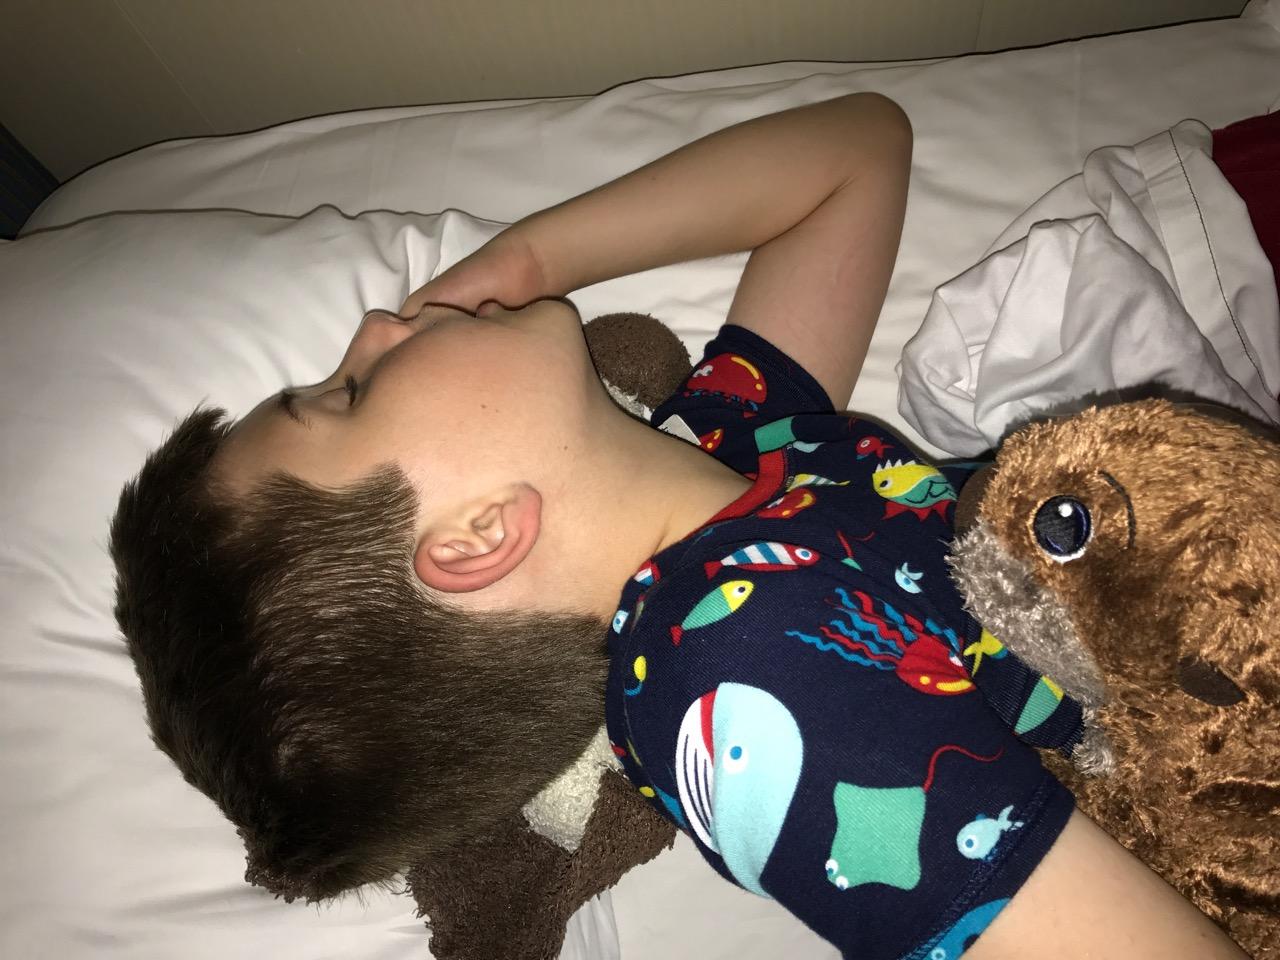 Disney Dream Bedtime